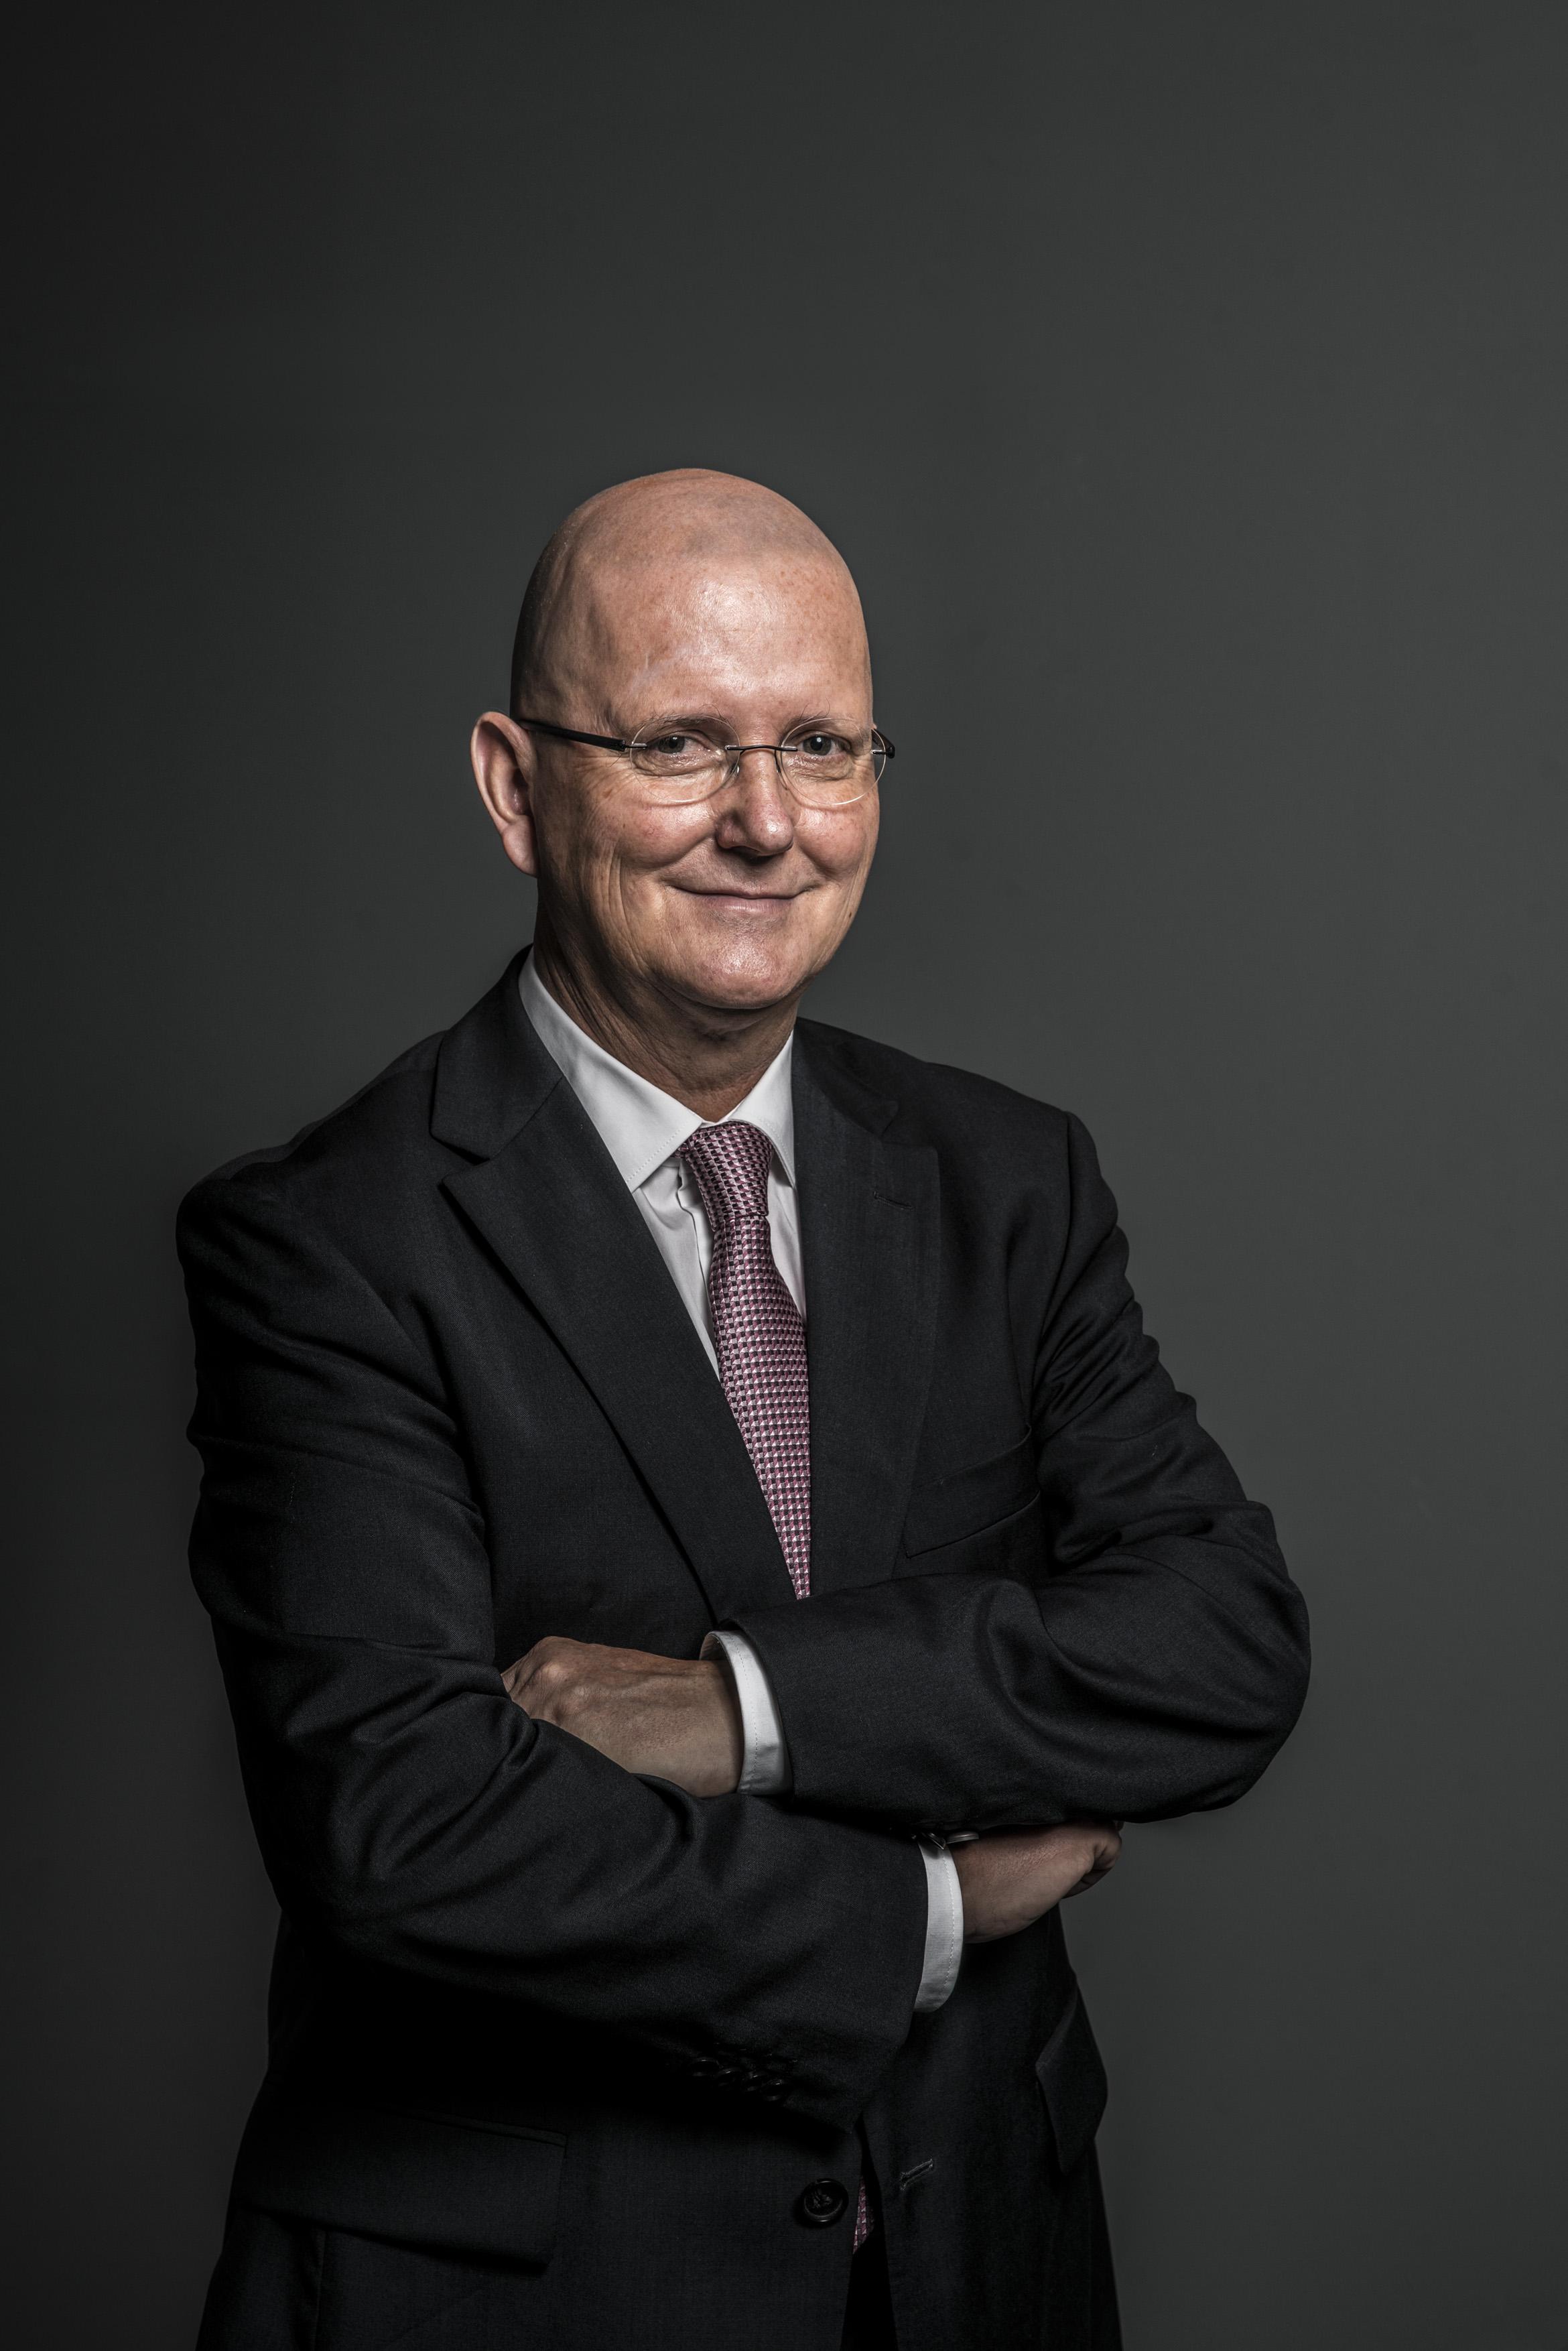 Dr. Ing. Christian Braun